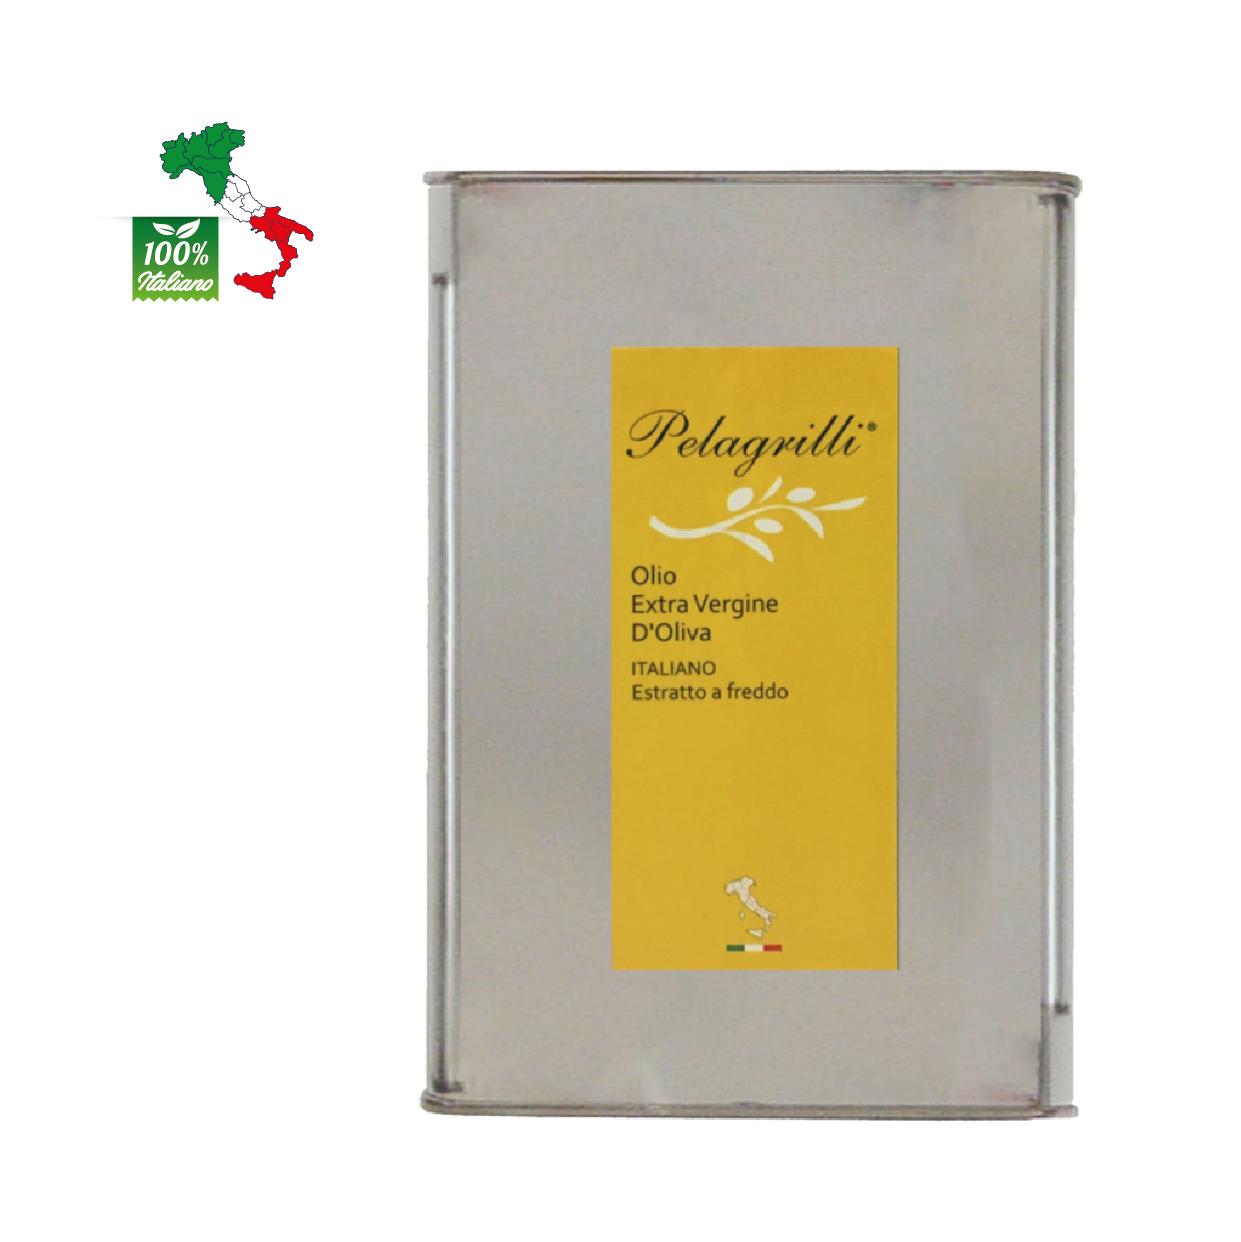 100% ITALIANO LT 3  Olio extravergine di oliva- Raccolto 2020-2021 - estratto a freddo - FILTRATO